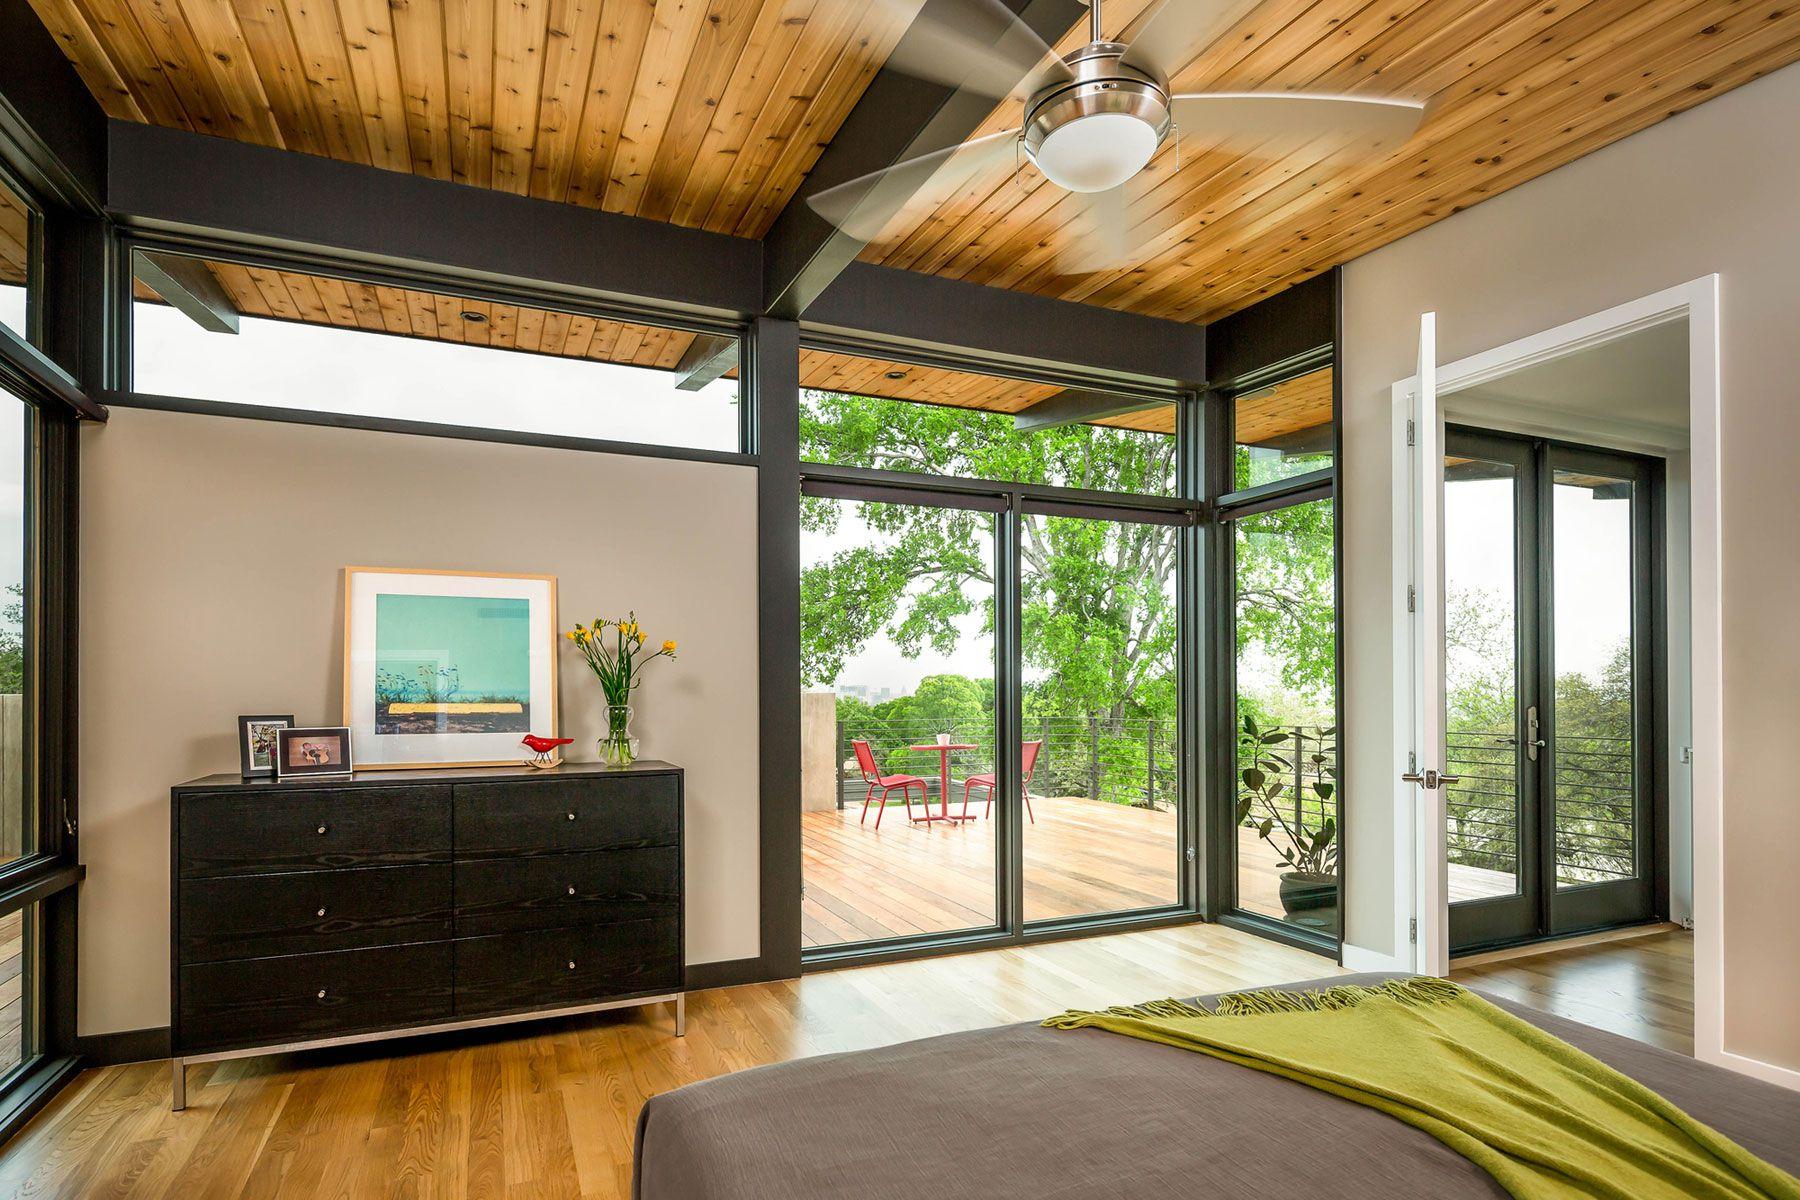 wooden bedroom celing